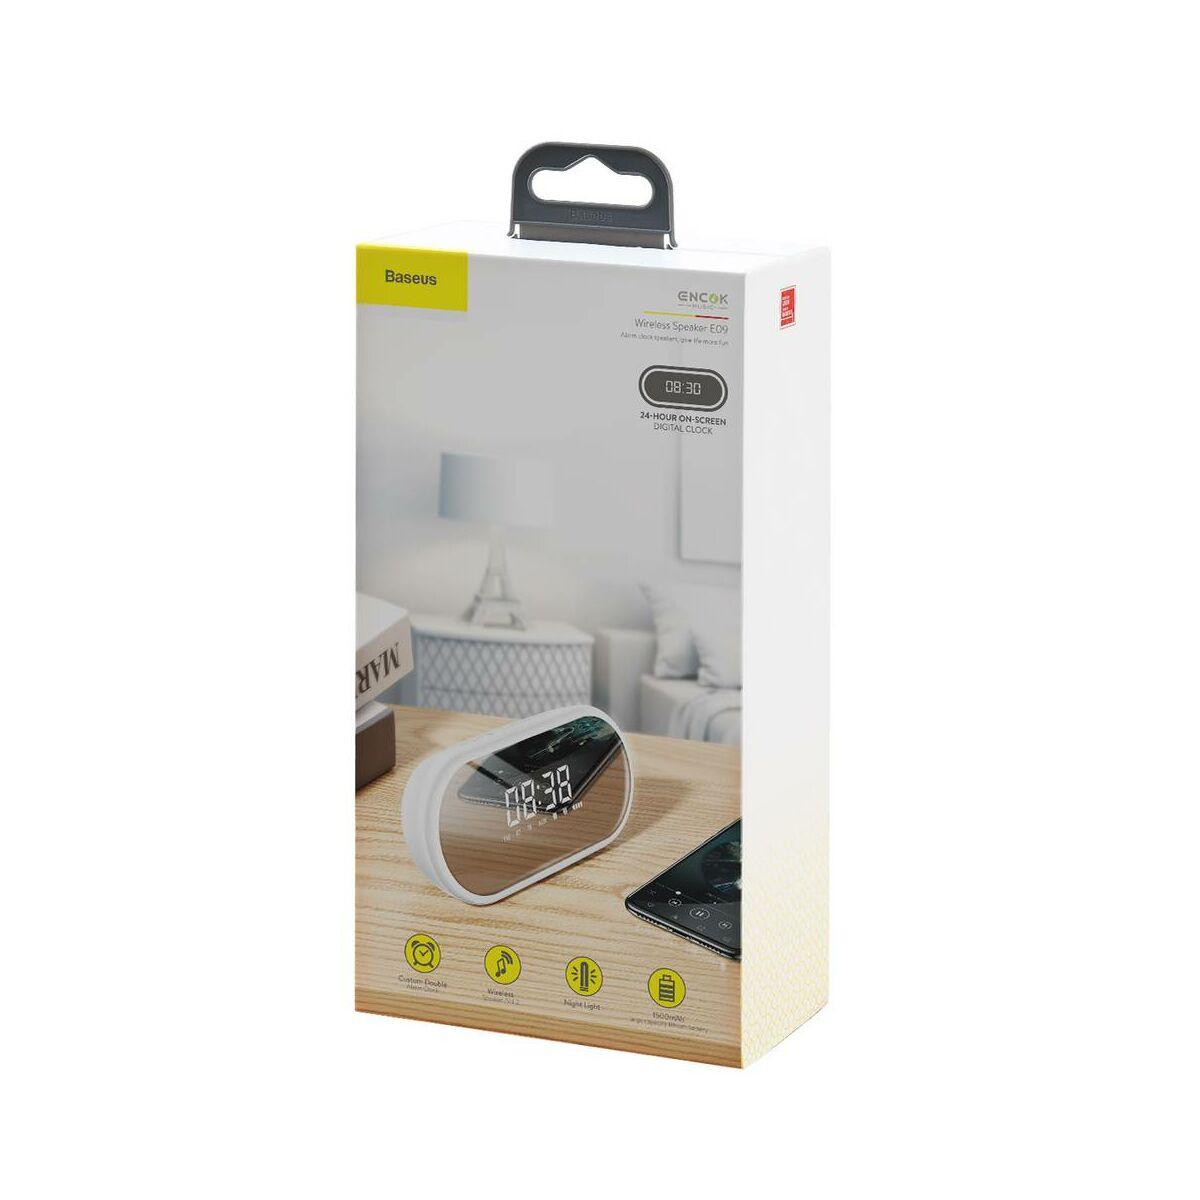 Baseus Hordozható hangszóró, Bluetooth Encok E09, ébresztő óra és LED lámpa funkcióval, fehér (NGE09-02)